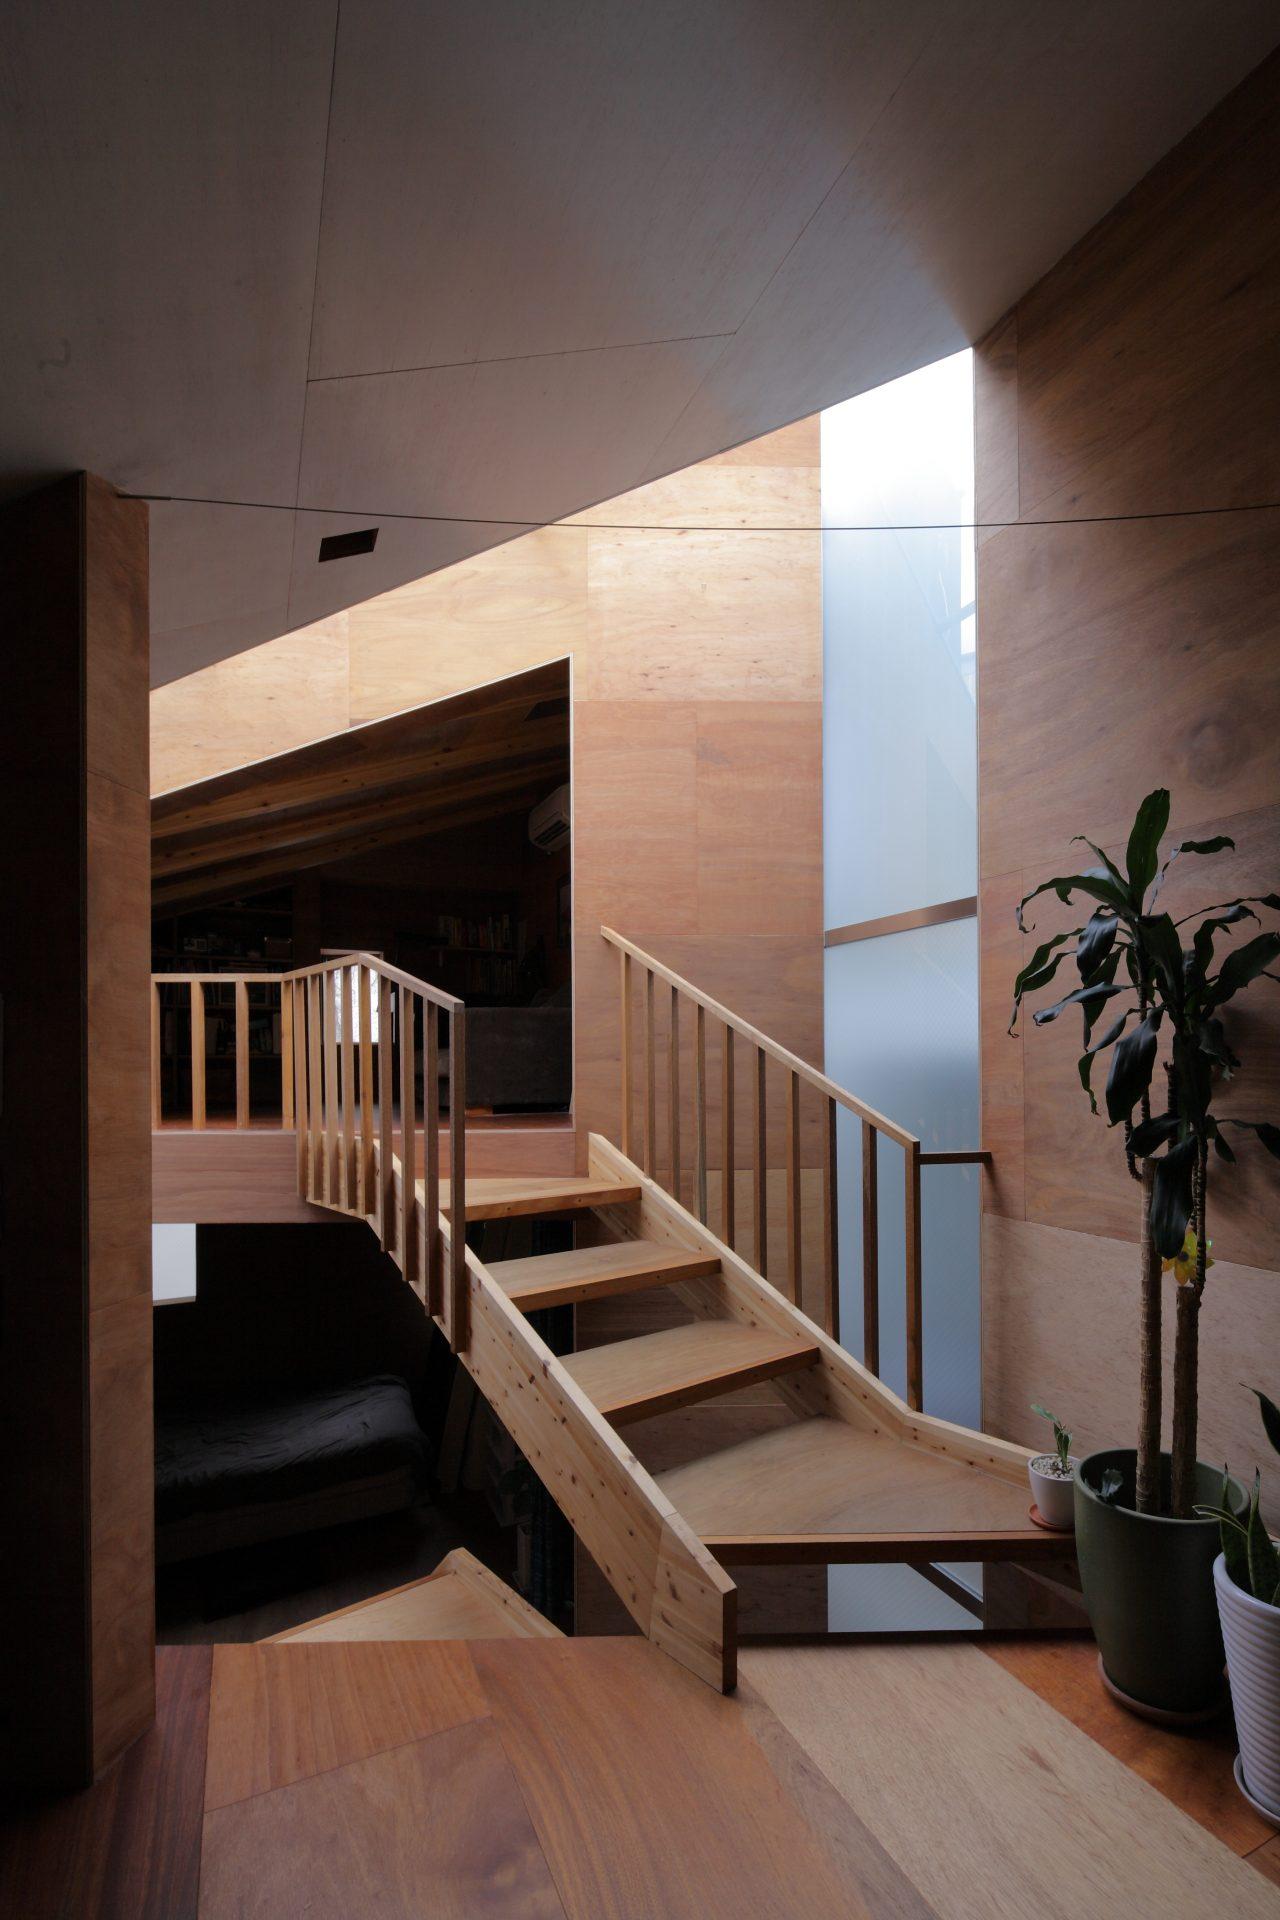 兵庫六甲の家の階段02